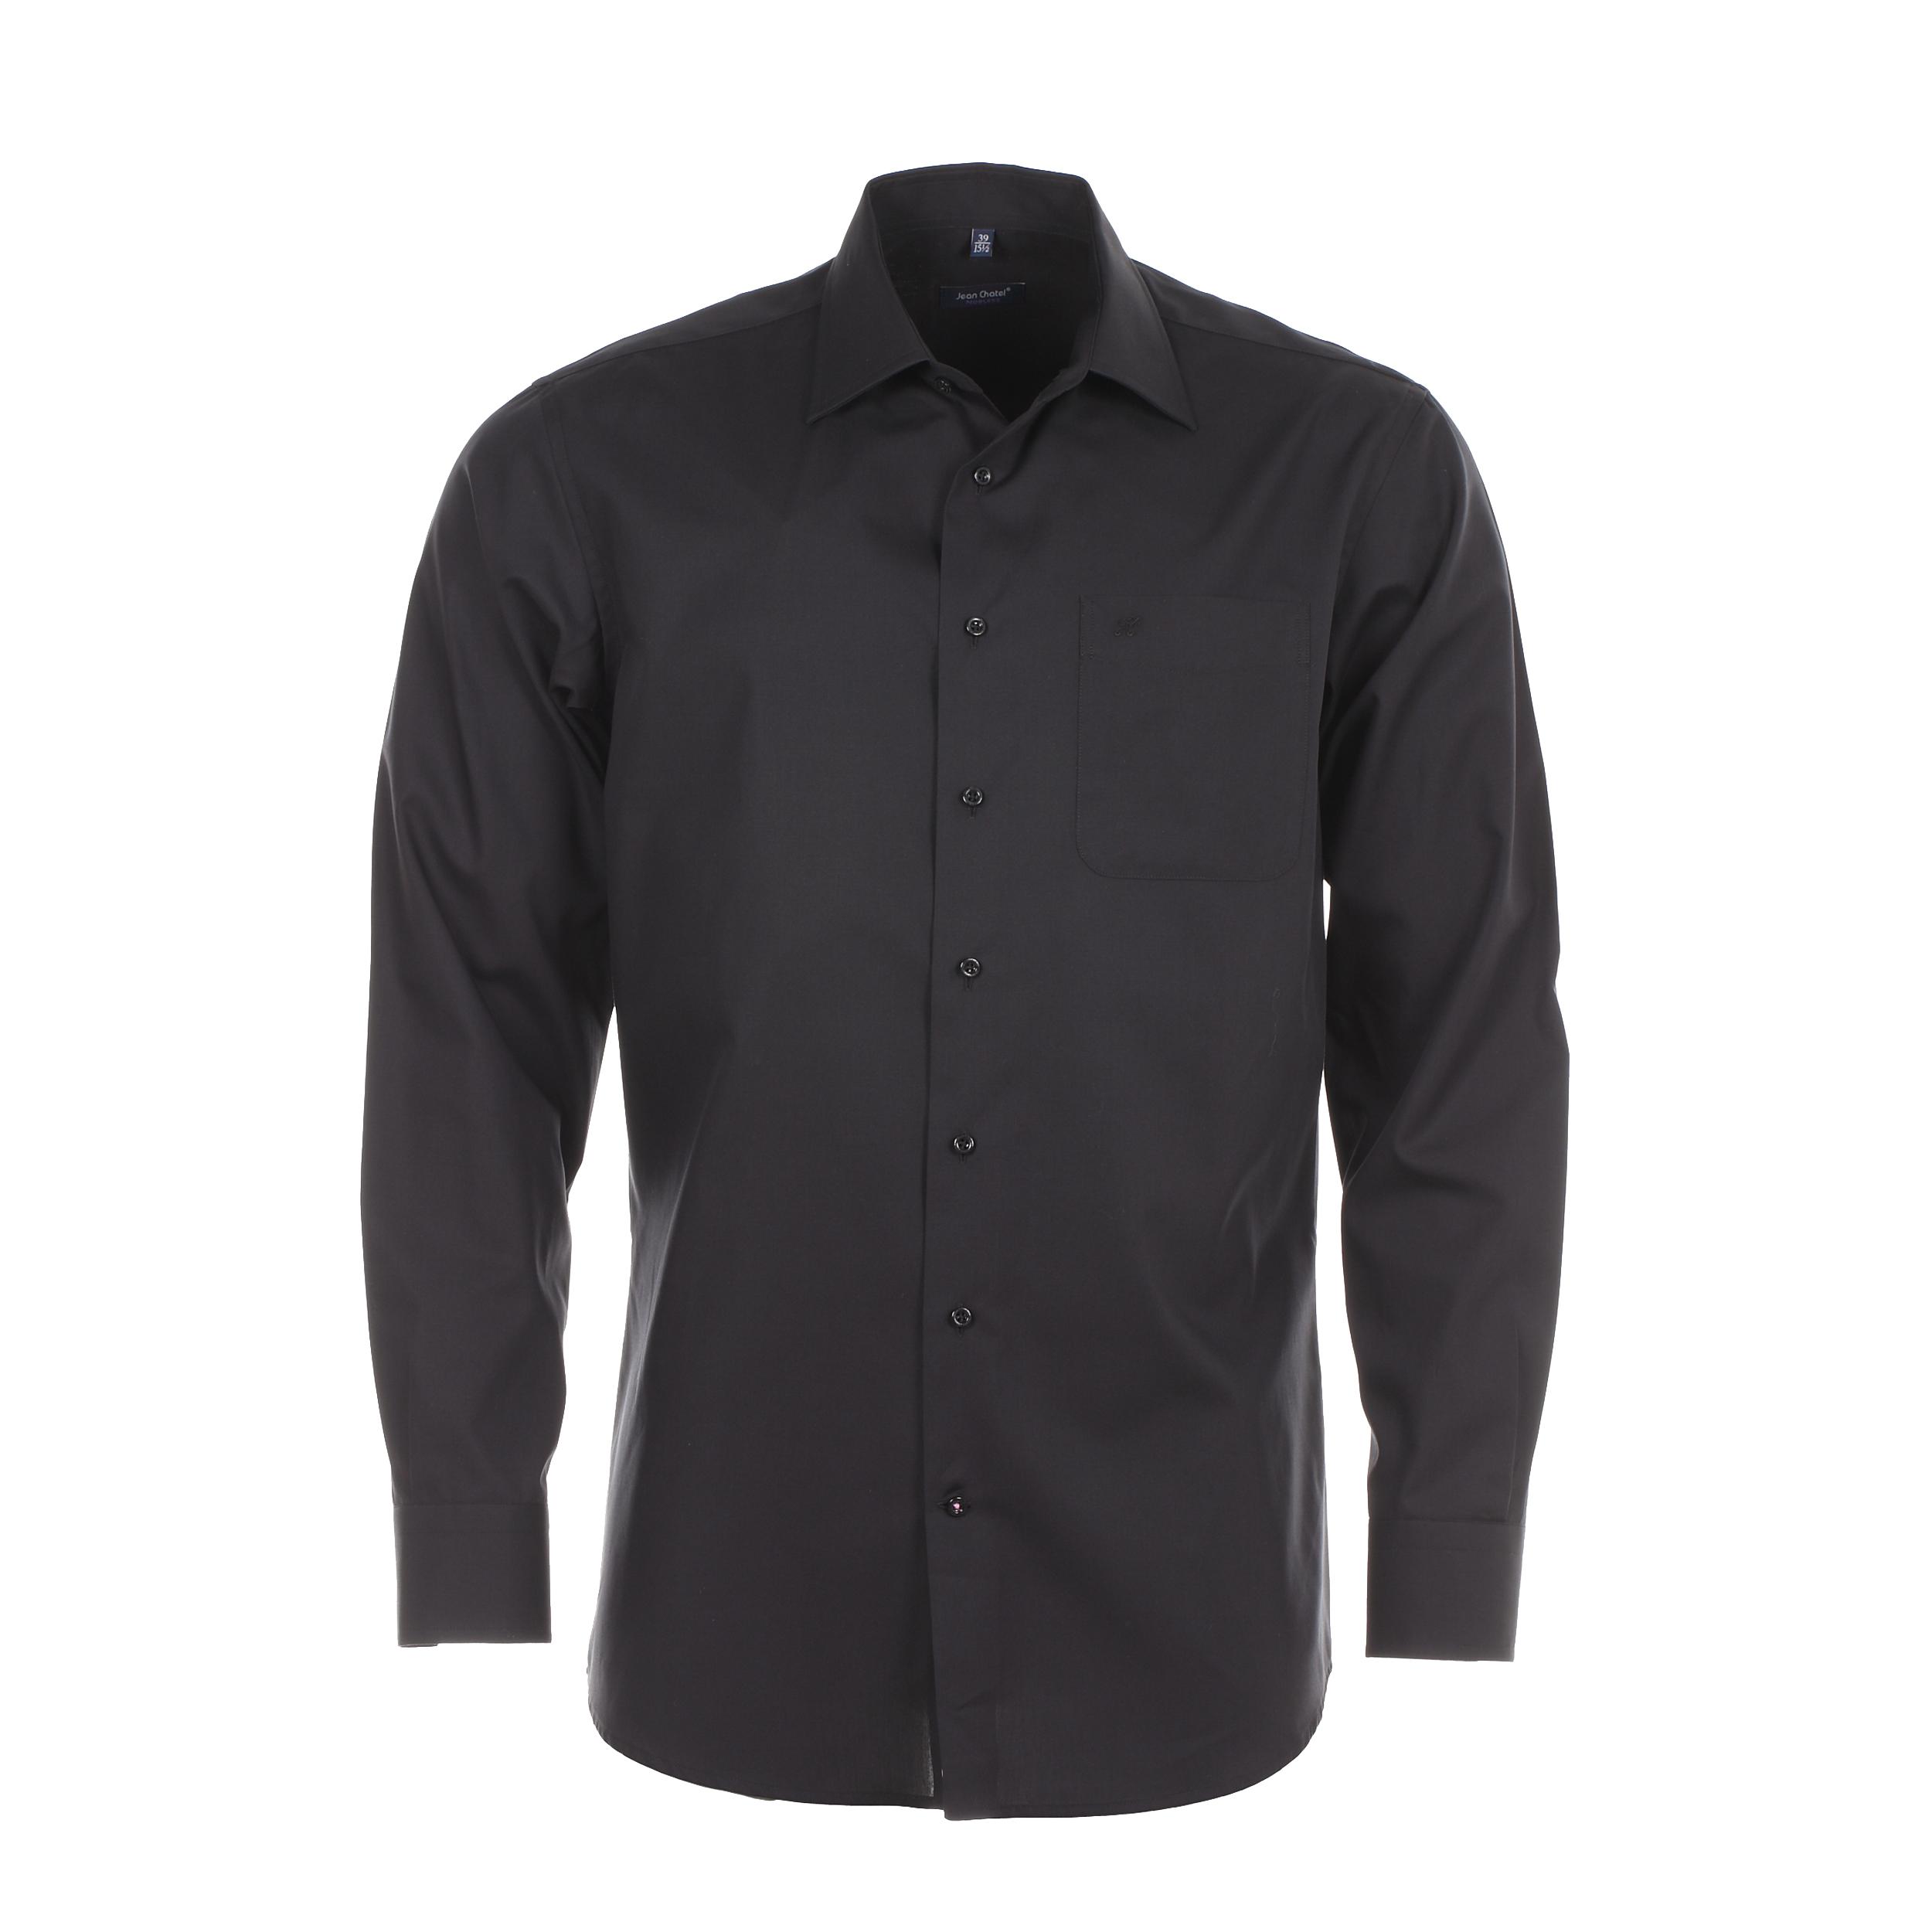 Chemise homme sans repassage  chambray noire